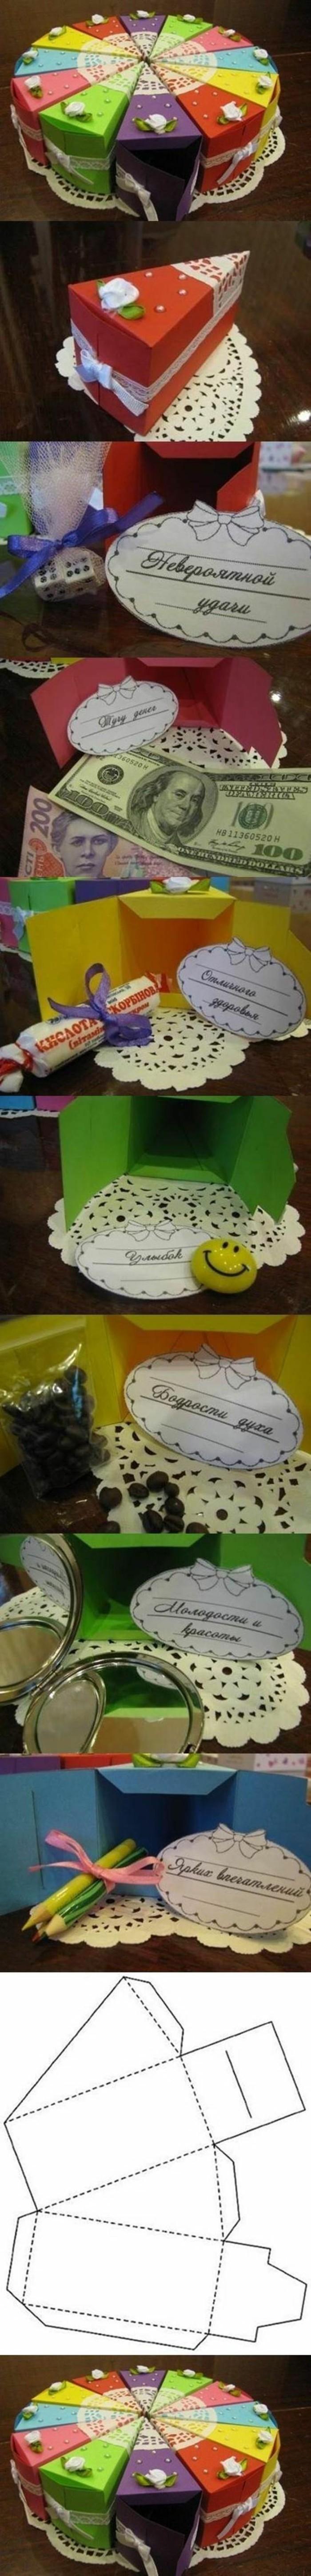 preciosas ideas de ideas para regalar en navidad, manualidades para regalar con tutoriales paso a paso